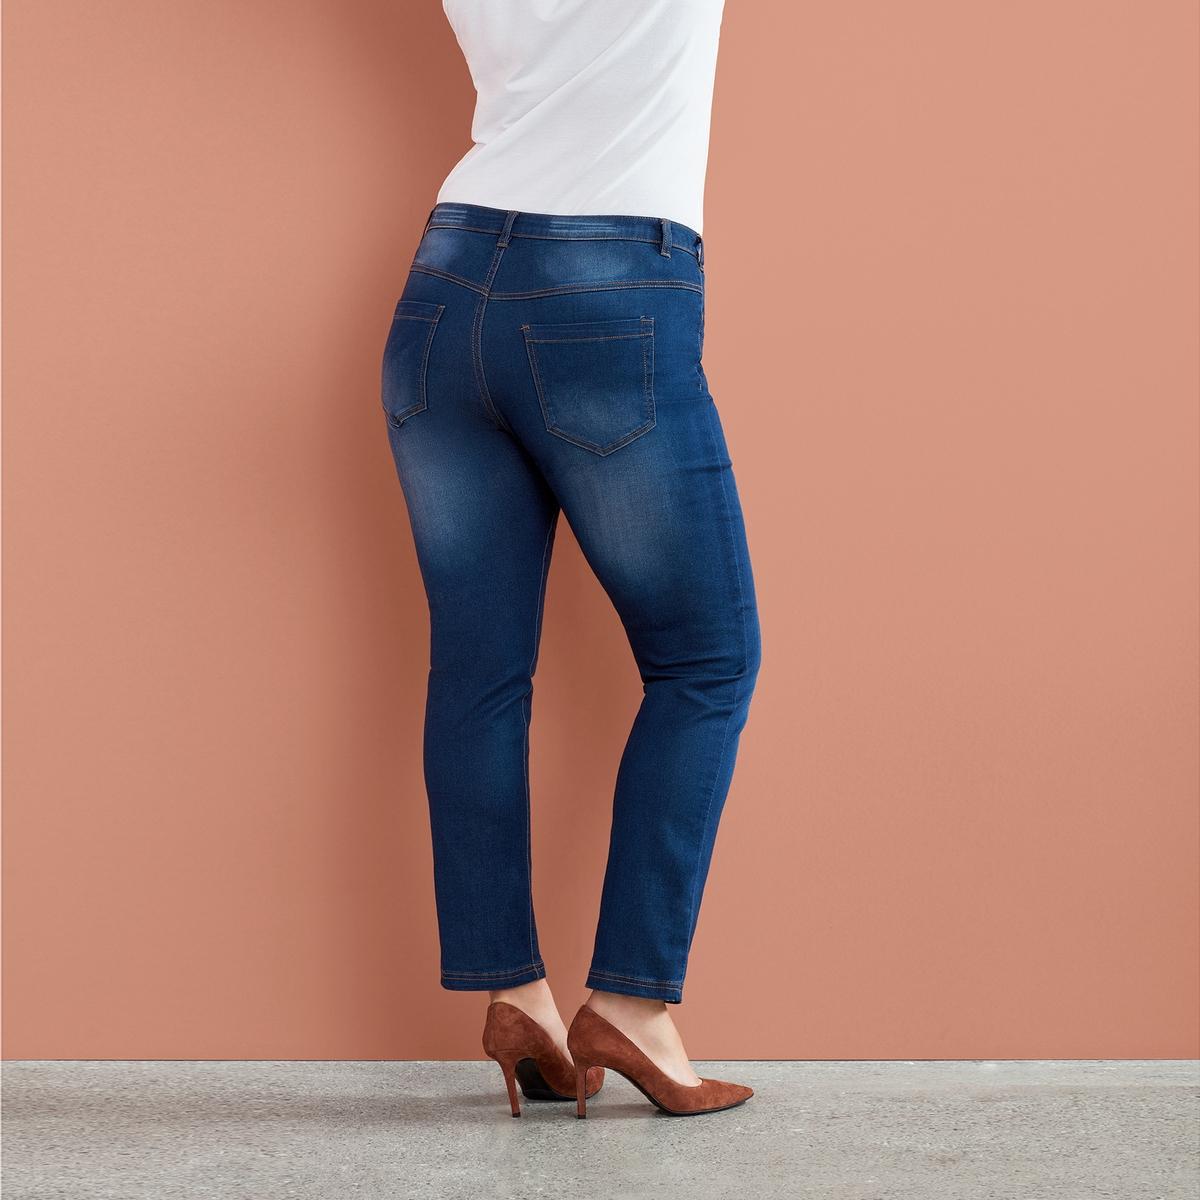 Джинсы узкие, длина 82 смДжинсы узкие ZIZZI, длина 82 см . 65% хлопка, 32% полиэстера, 3% эластана. Шлевки для ремня, стандартная посадка, 4 кармана. Стретчевый материал высокого качества гарантирует комфорт использования<br><br>Цвет: синий джинсовый<br>Размер: 46 (FR) - 52 (RUS).44 (FR) - 50 (RUS).50 (FR) - 56 (RUS).48 (FR) - 54 (RUS)